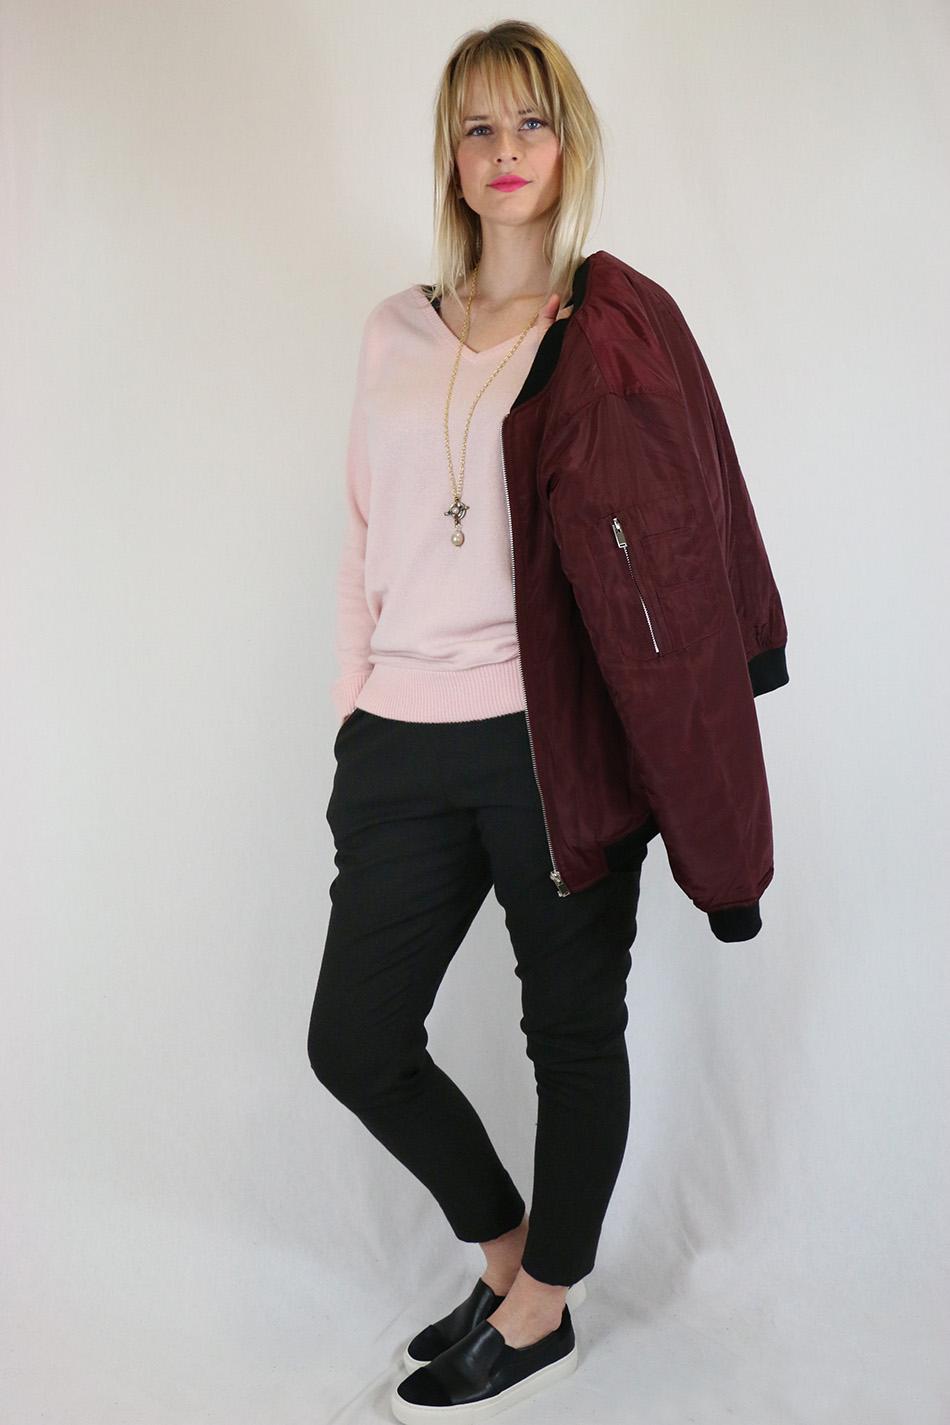 Fringe and Doll Burgundy Bomber jacketIMG_0667